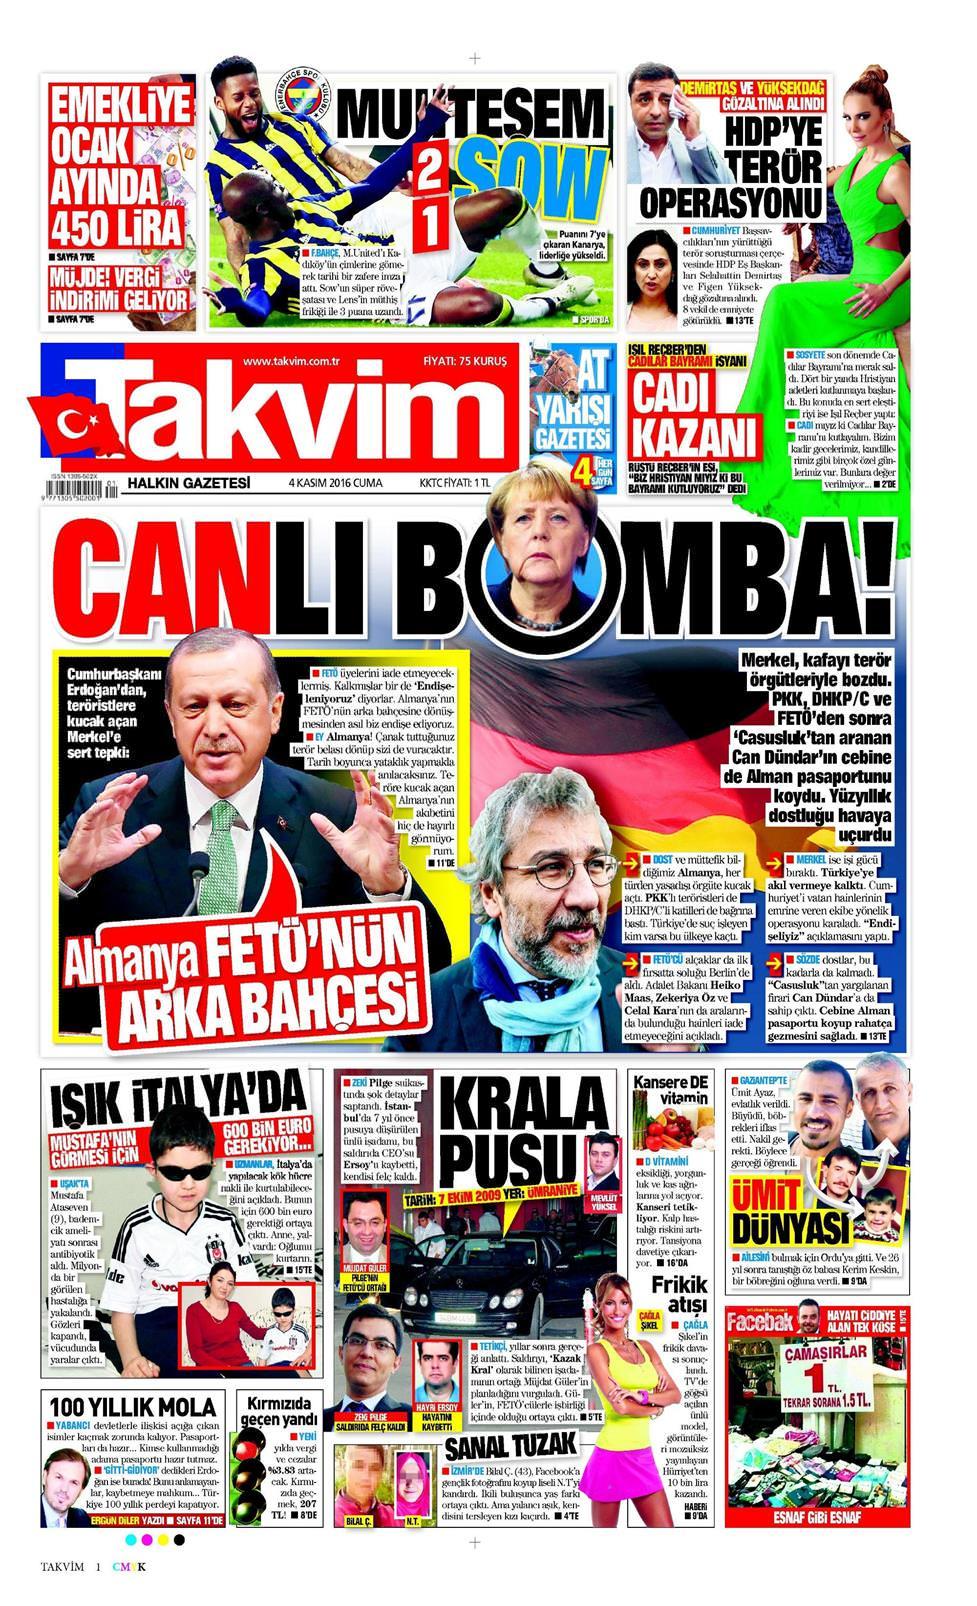 23 şubat 2019 Cumartesi Takvim Gazetesi Manşet